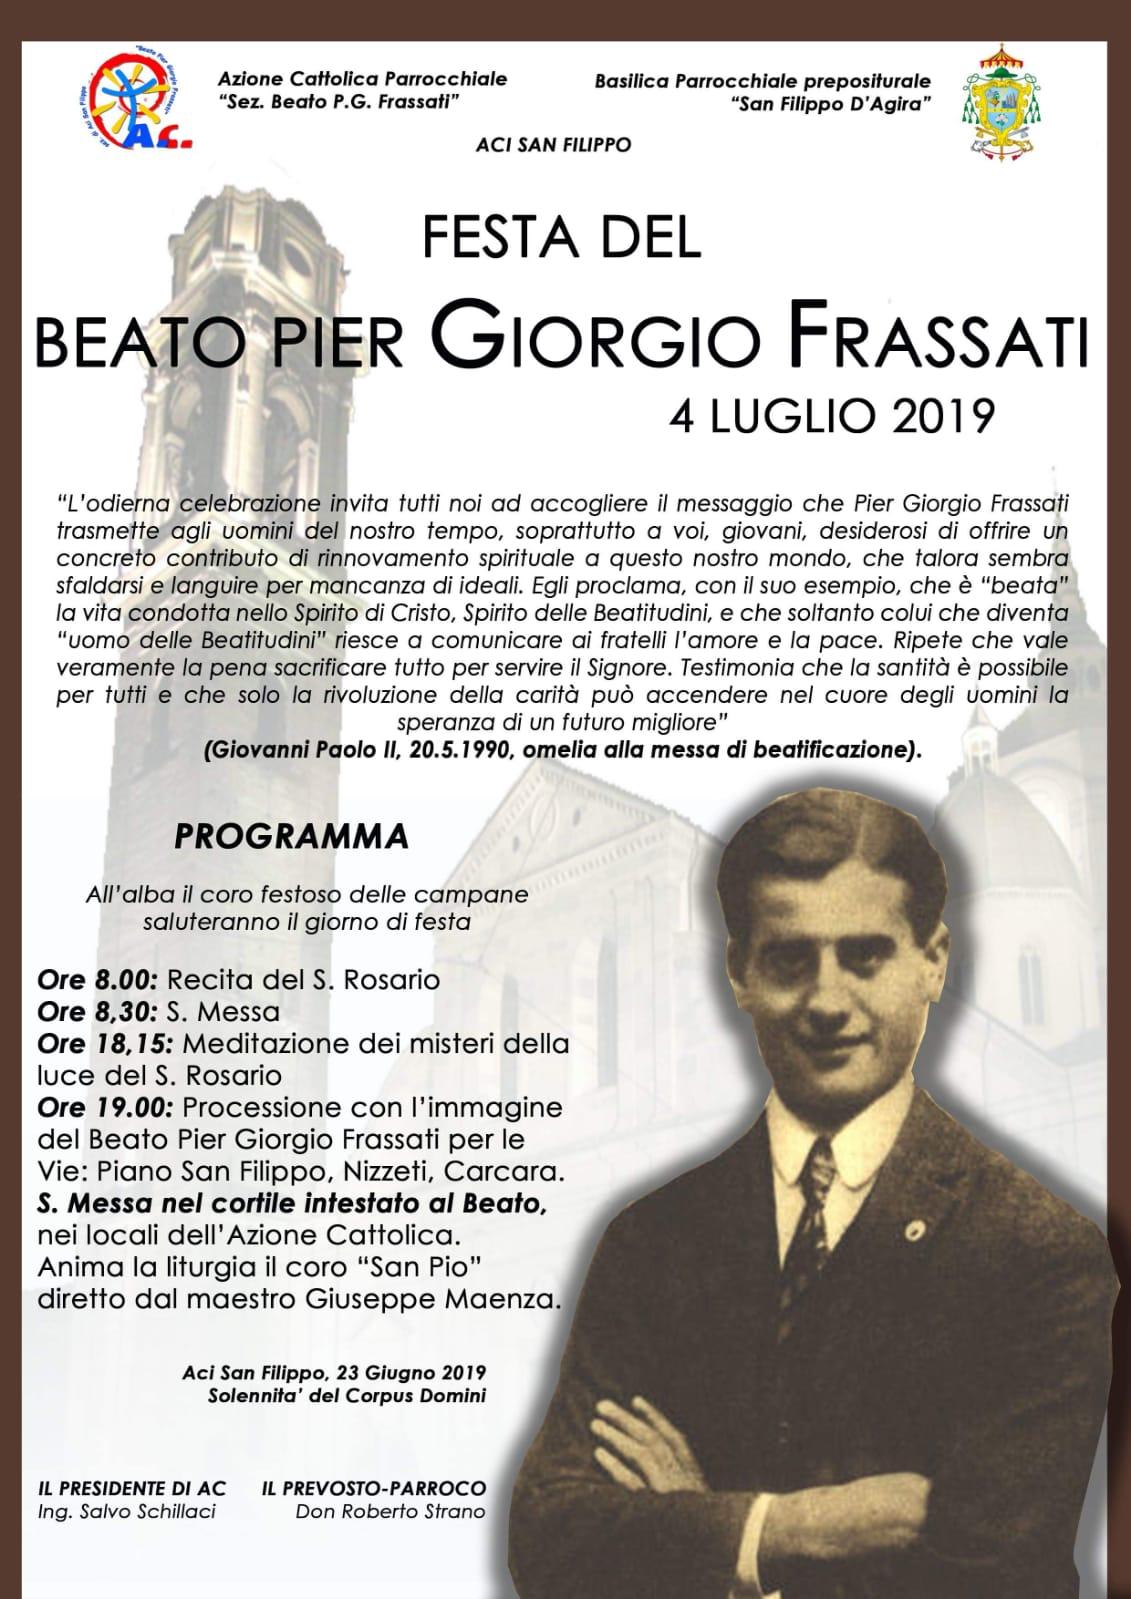 L'azione Cattolica di Aci San Filippo si prepara alla Festa liturgica del Beato Pier Giorgio Frassati